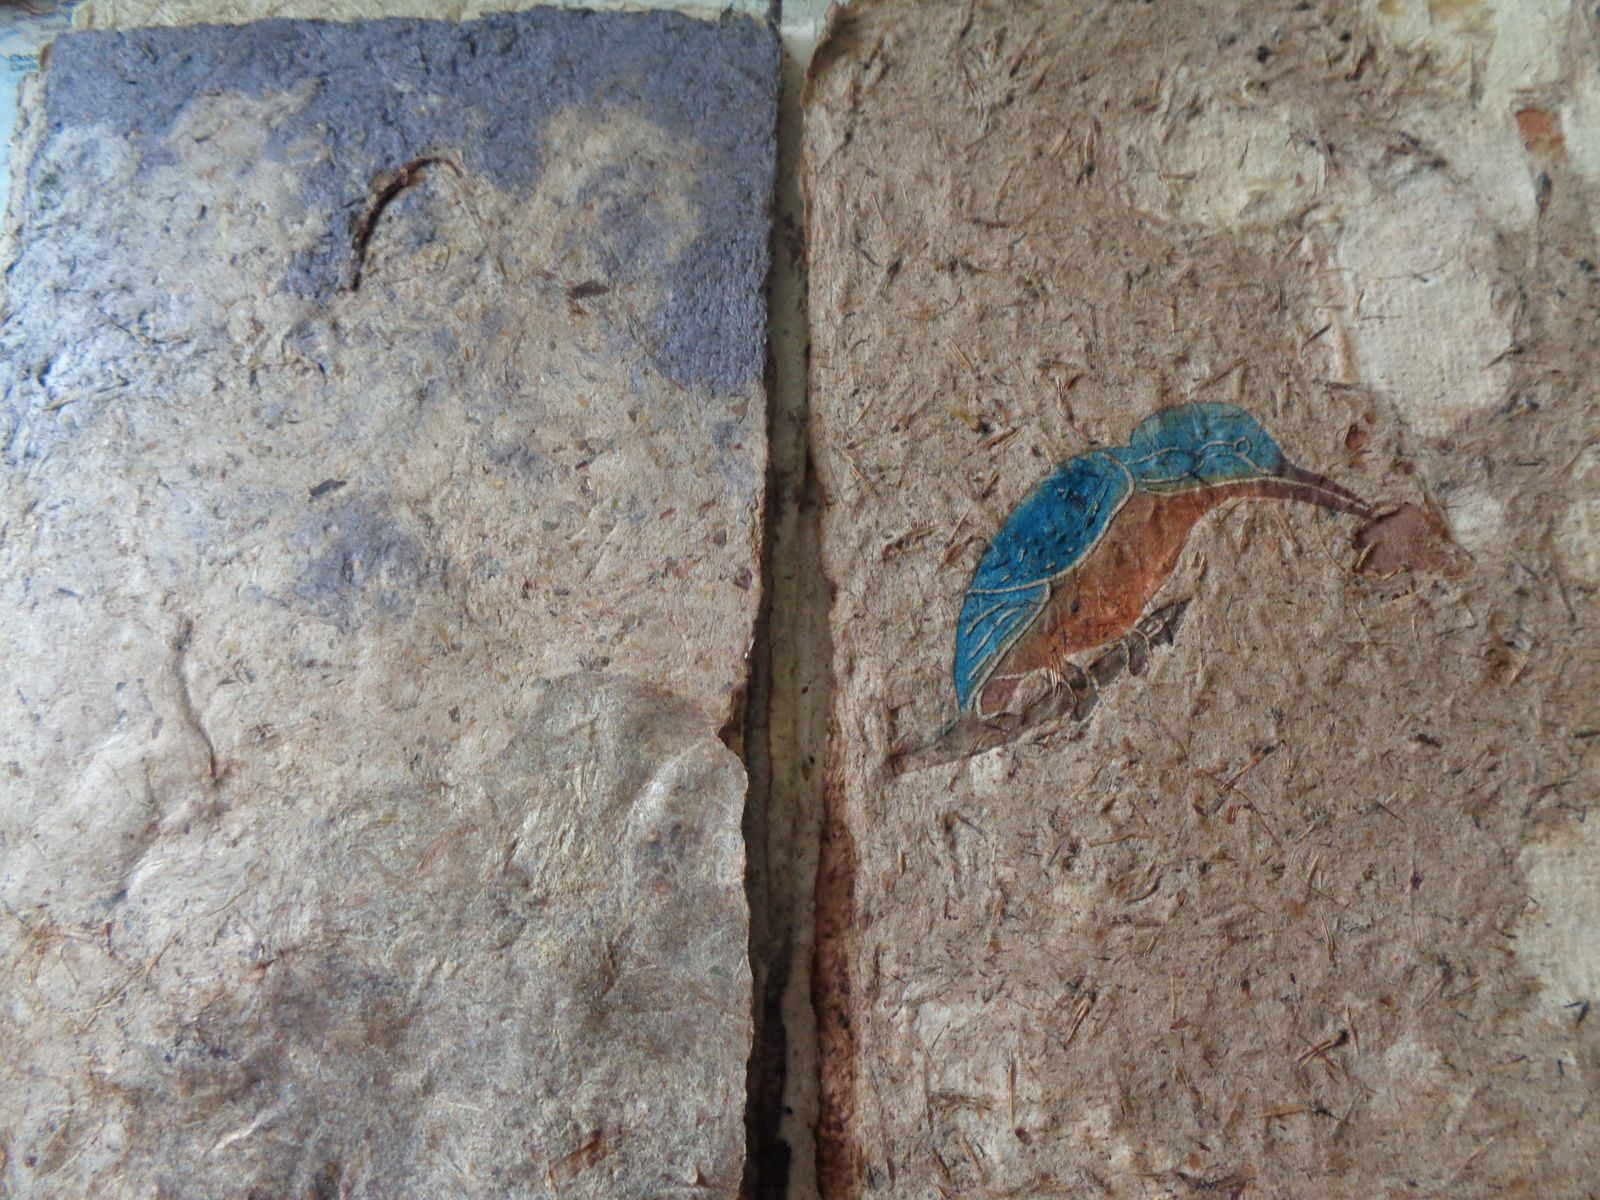 Livre d'oiseaux sur papier végétal